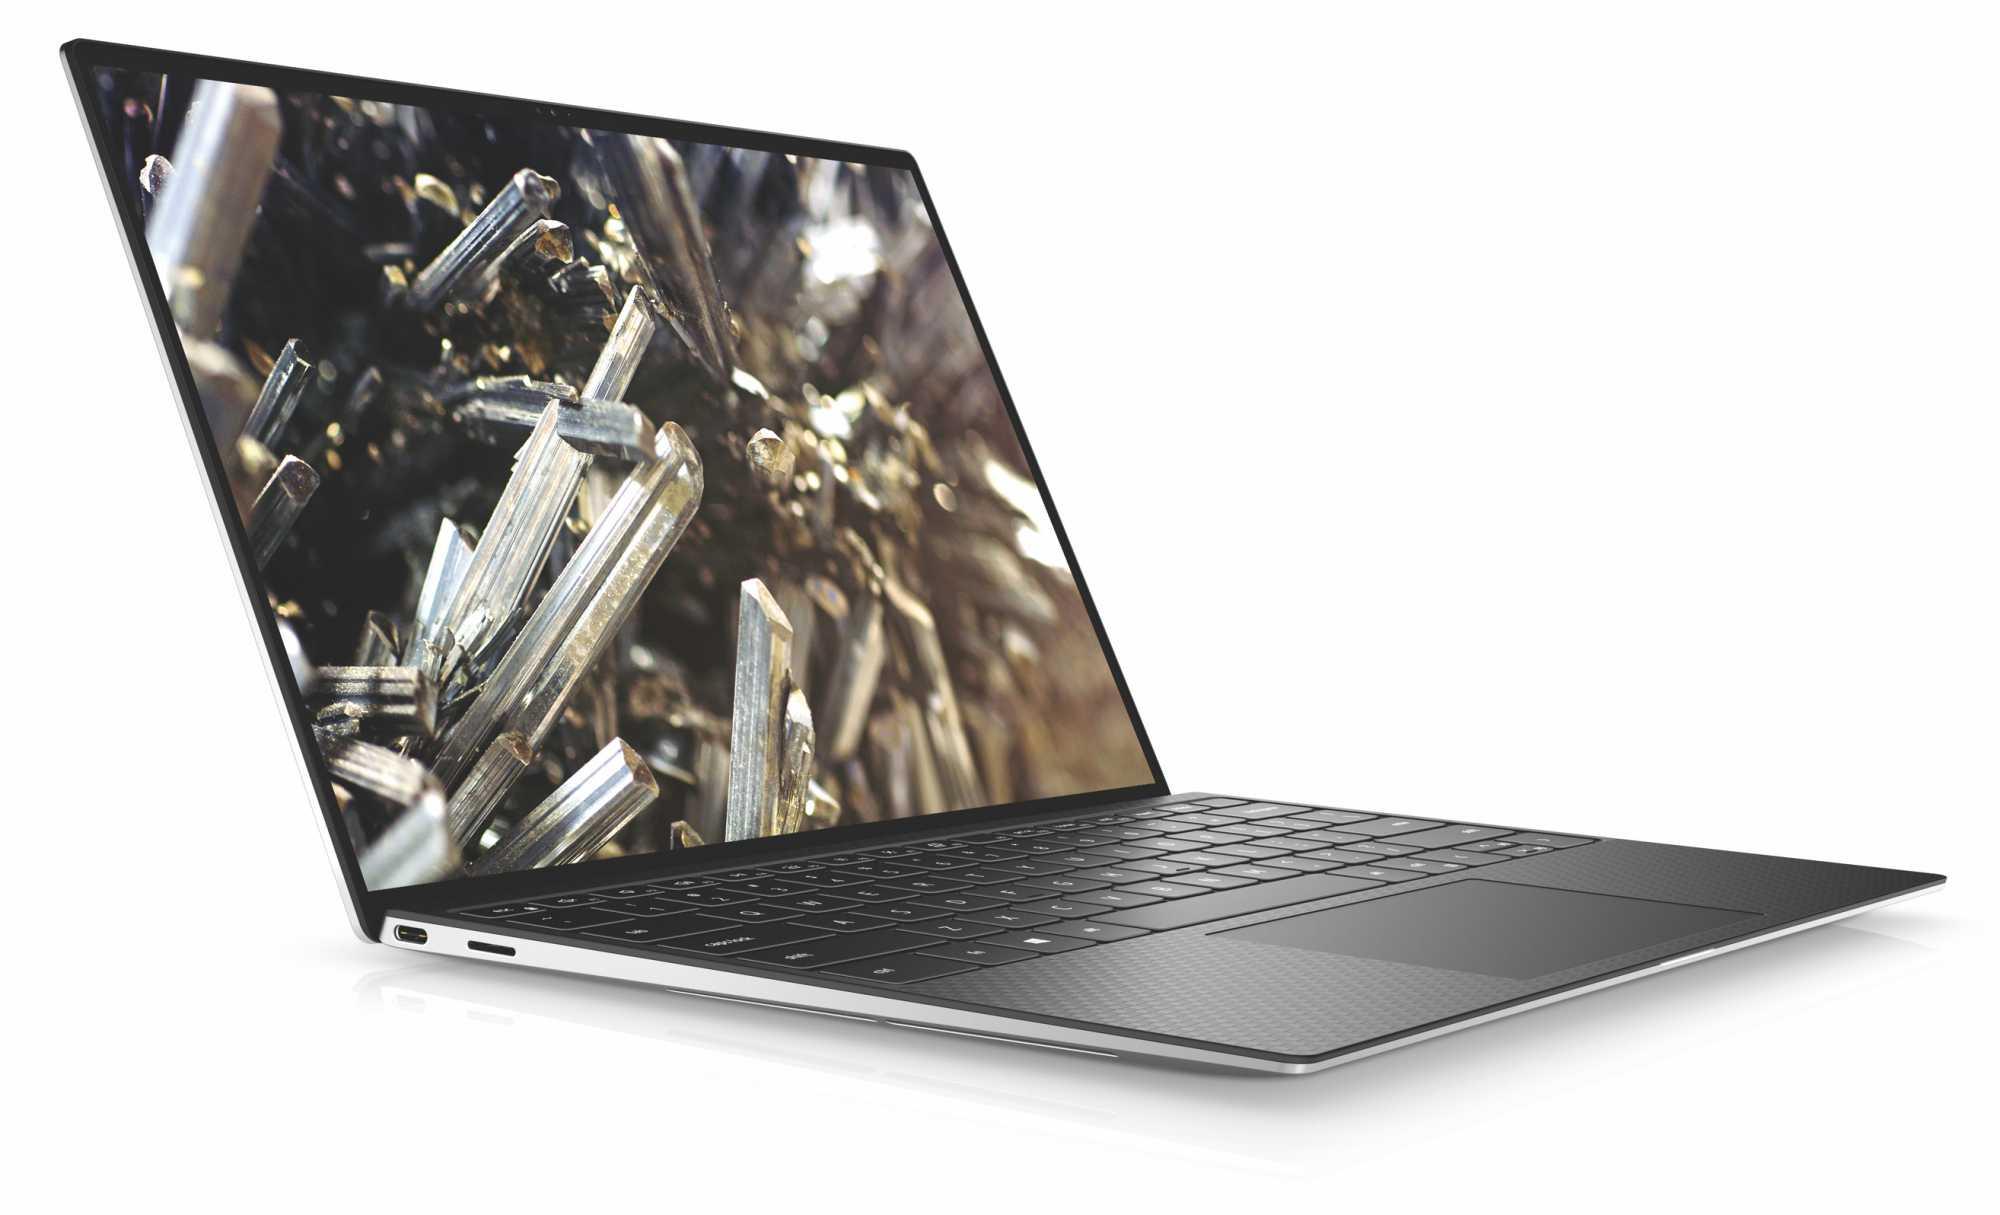 Das Dell XPS 13 nutzt in der 2020er Auflage ein 16:10-Display; durch die schmalen Ränder fällt der Rahmen kaum noch auf.